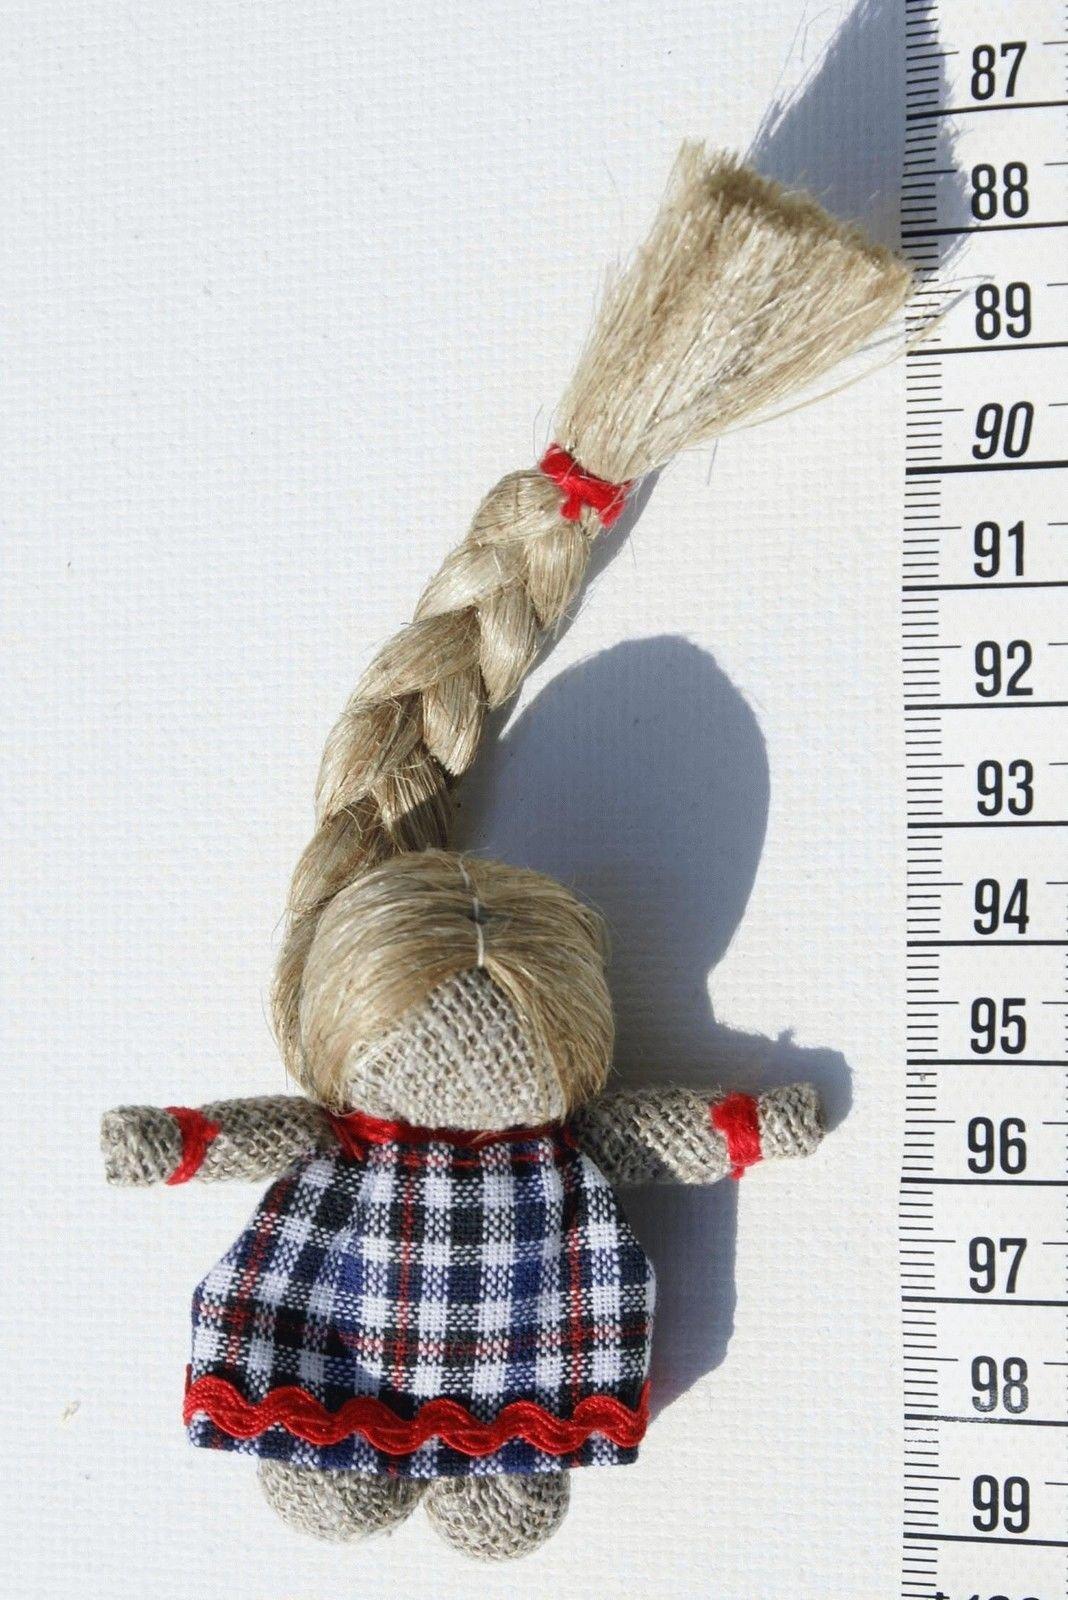 russiske kvinner i norge analsex